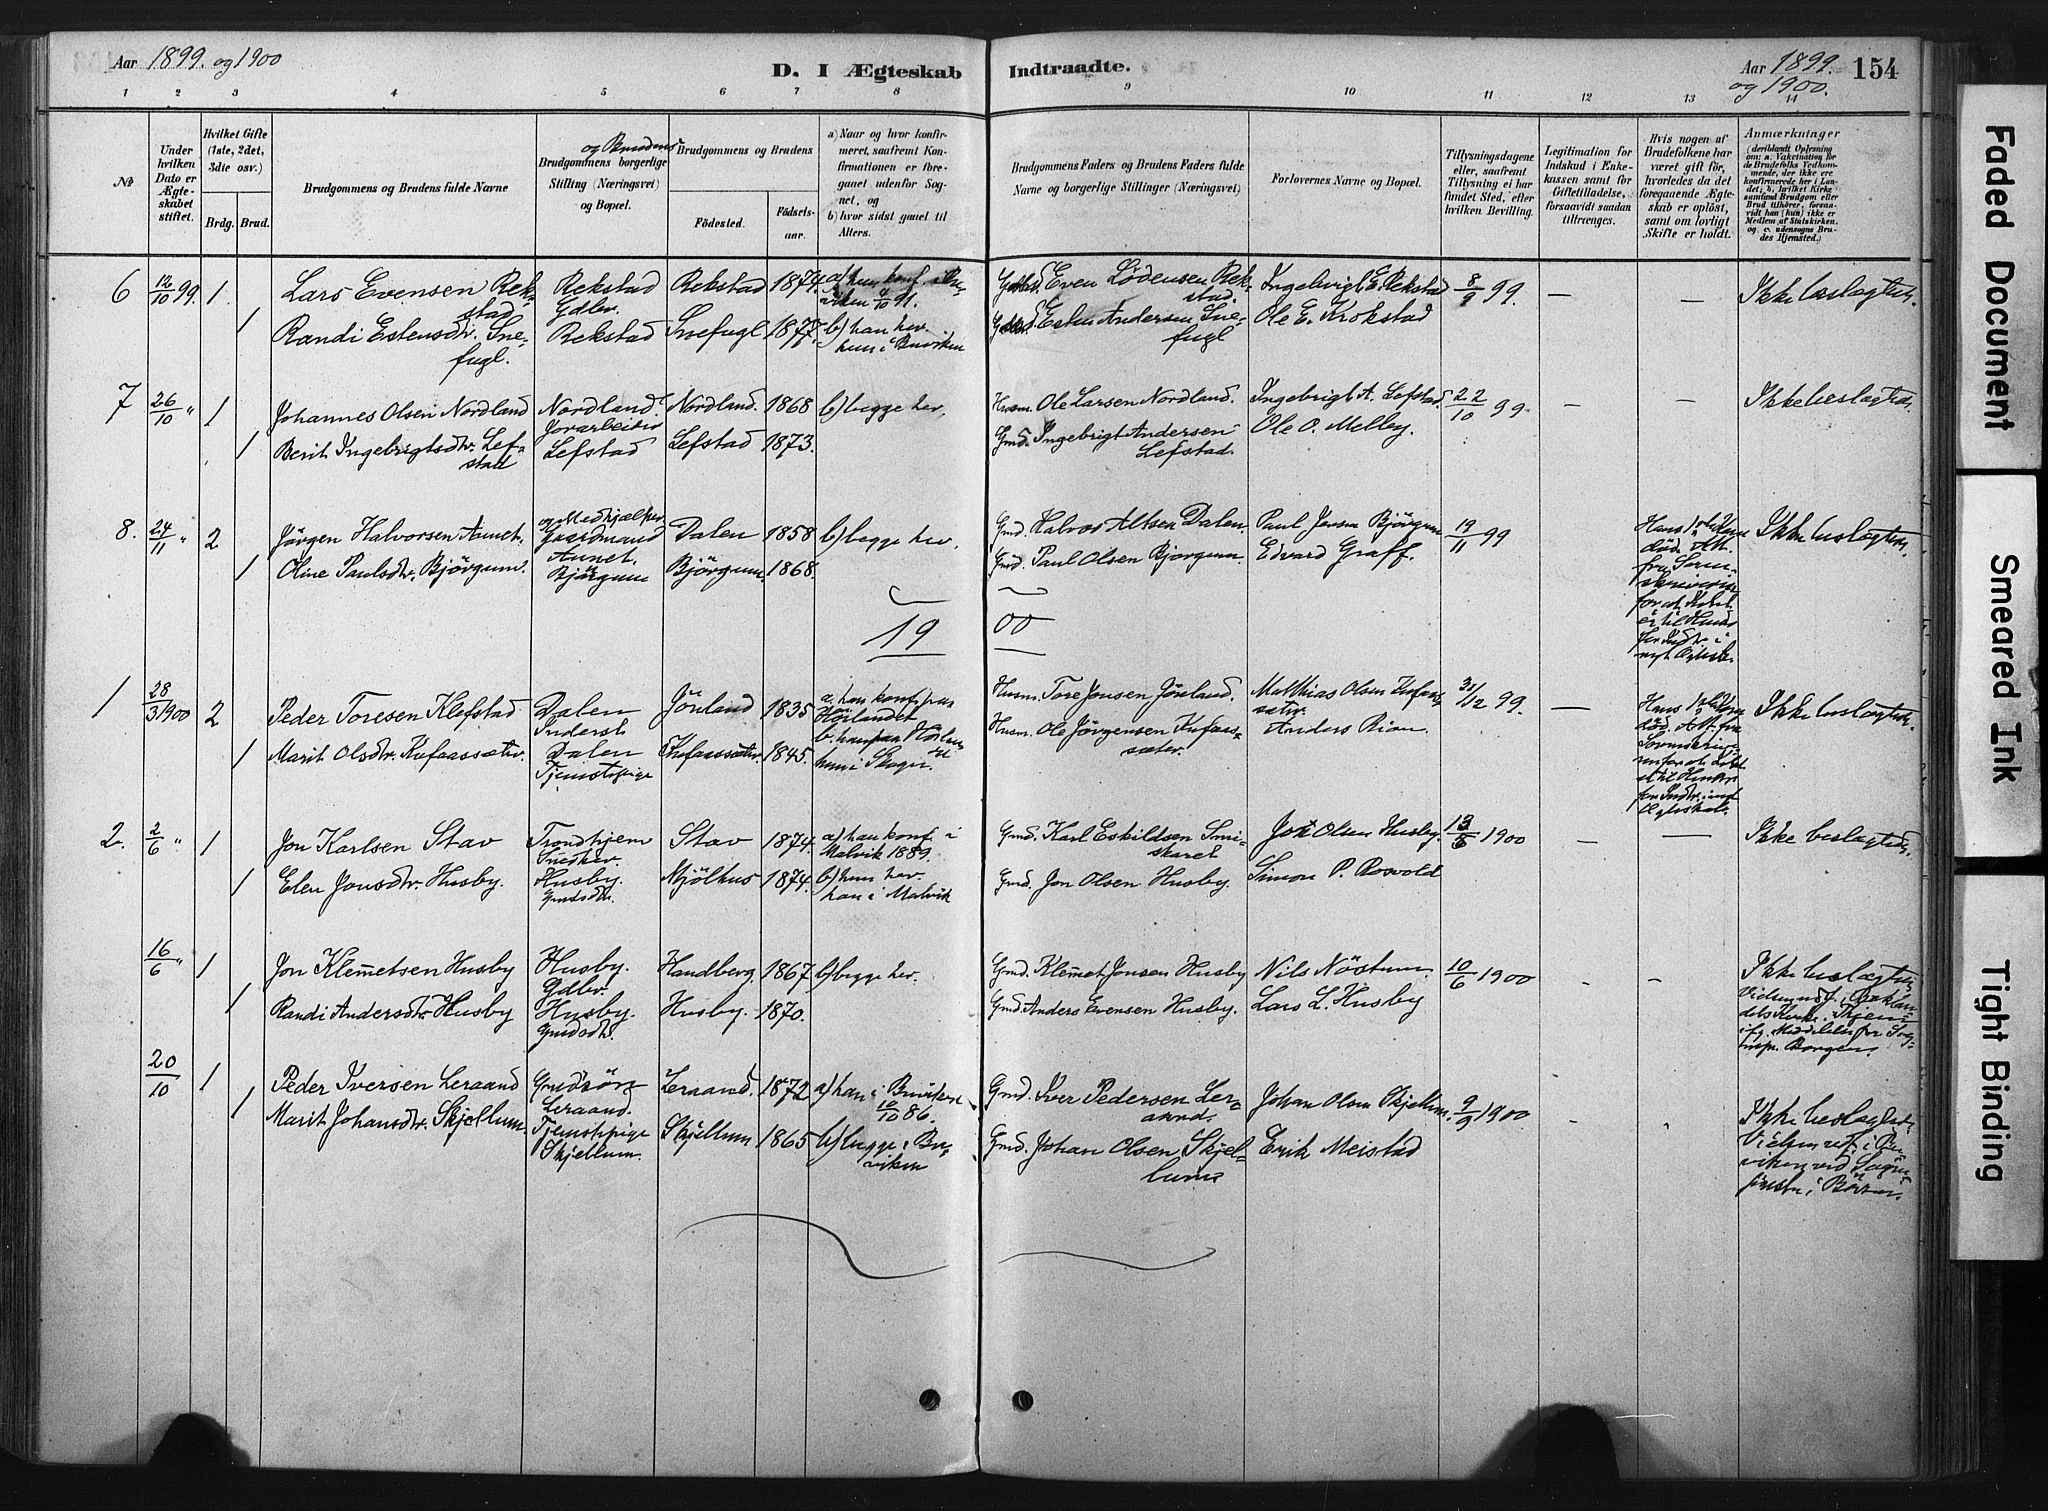 SAT, Ministerialprotokoller, klokkerbøker og fødselsregistre - Sør-Trøndelag, 667/L0795: Ministerialbok nr. 667A03, 1879-1907, s. 154